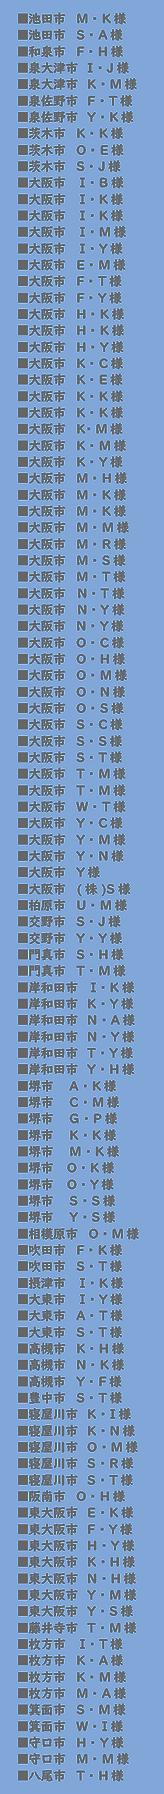 27.大阪府.png